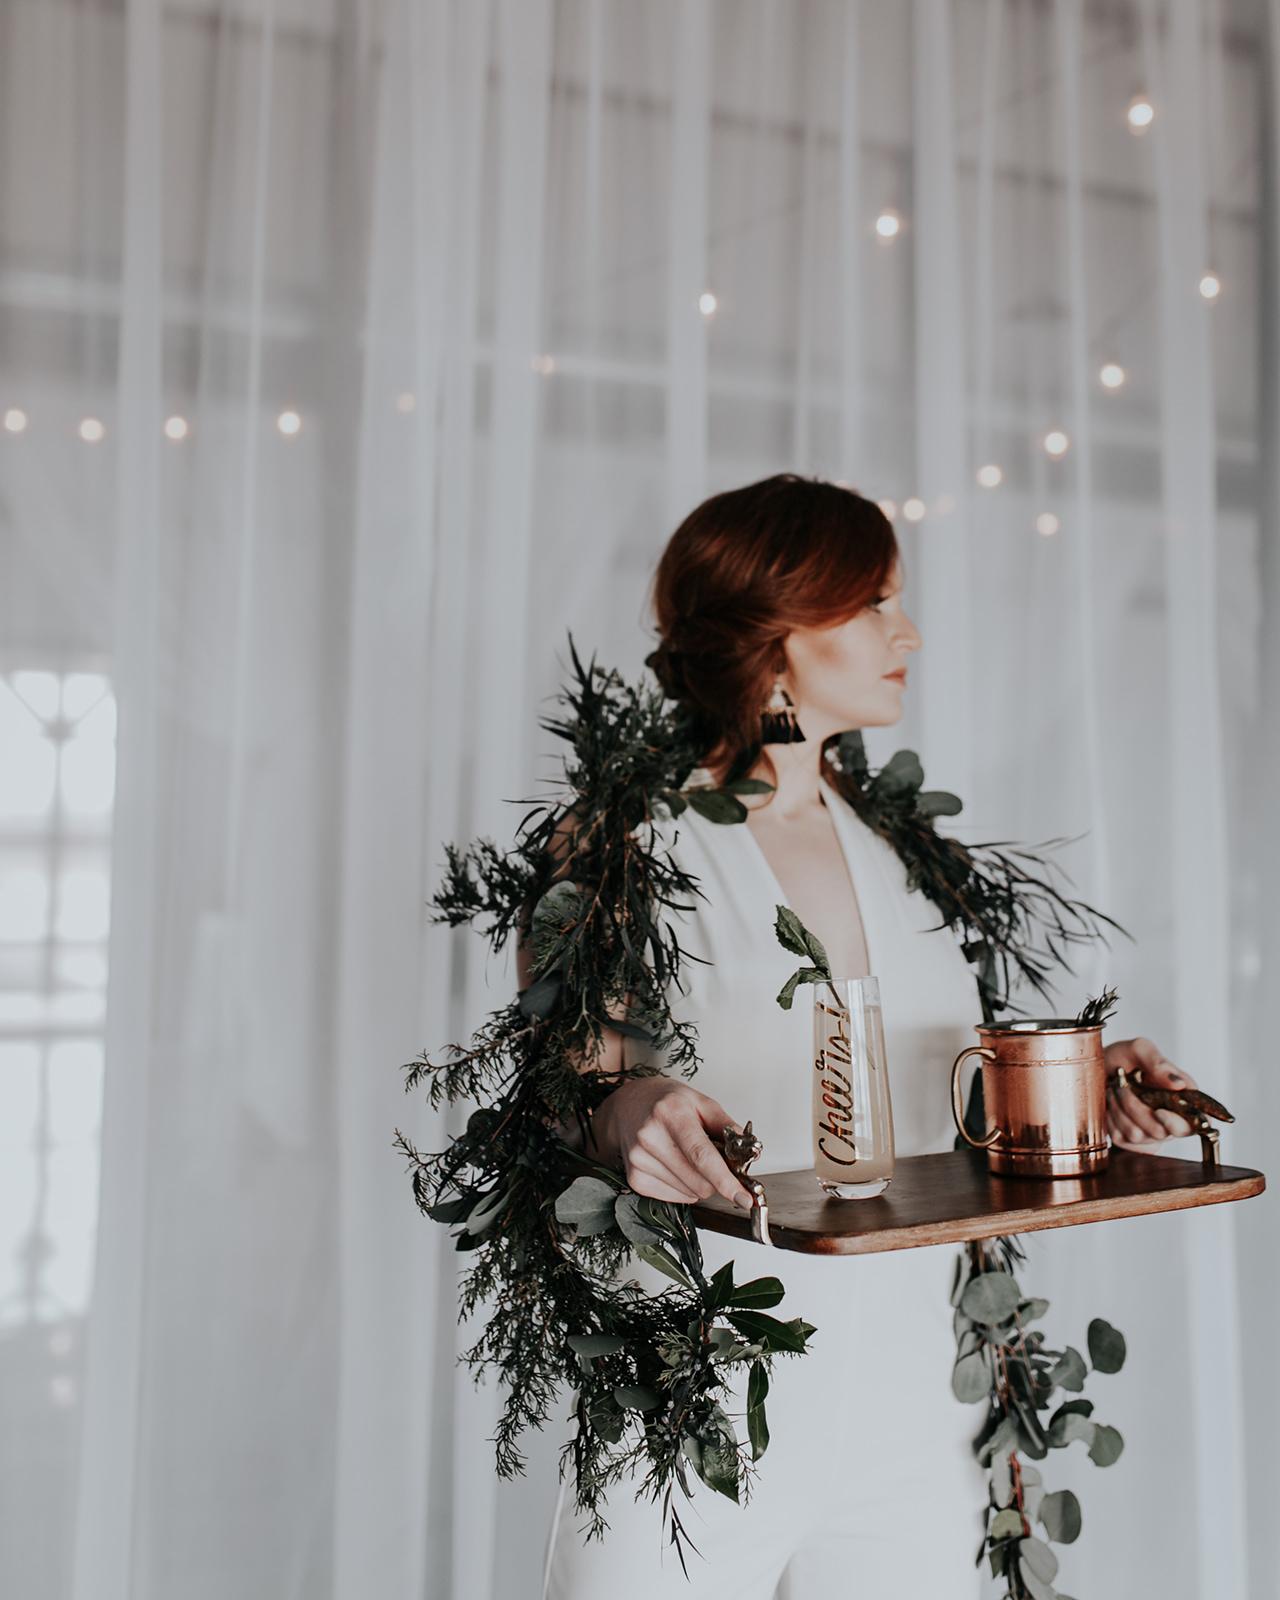 Dream Point Ranch Tulsa Wedding Venue Edgy Bride 2.jpg